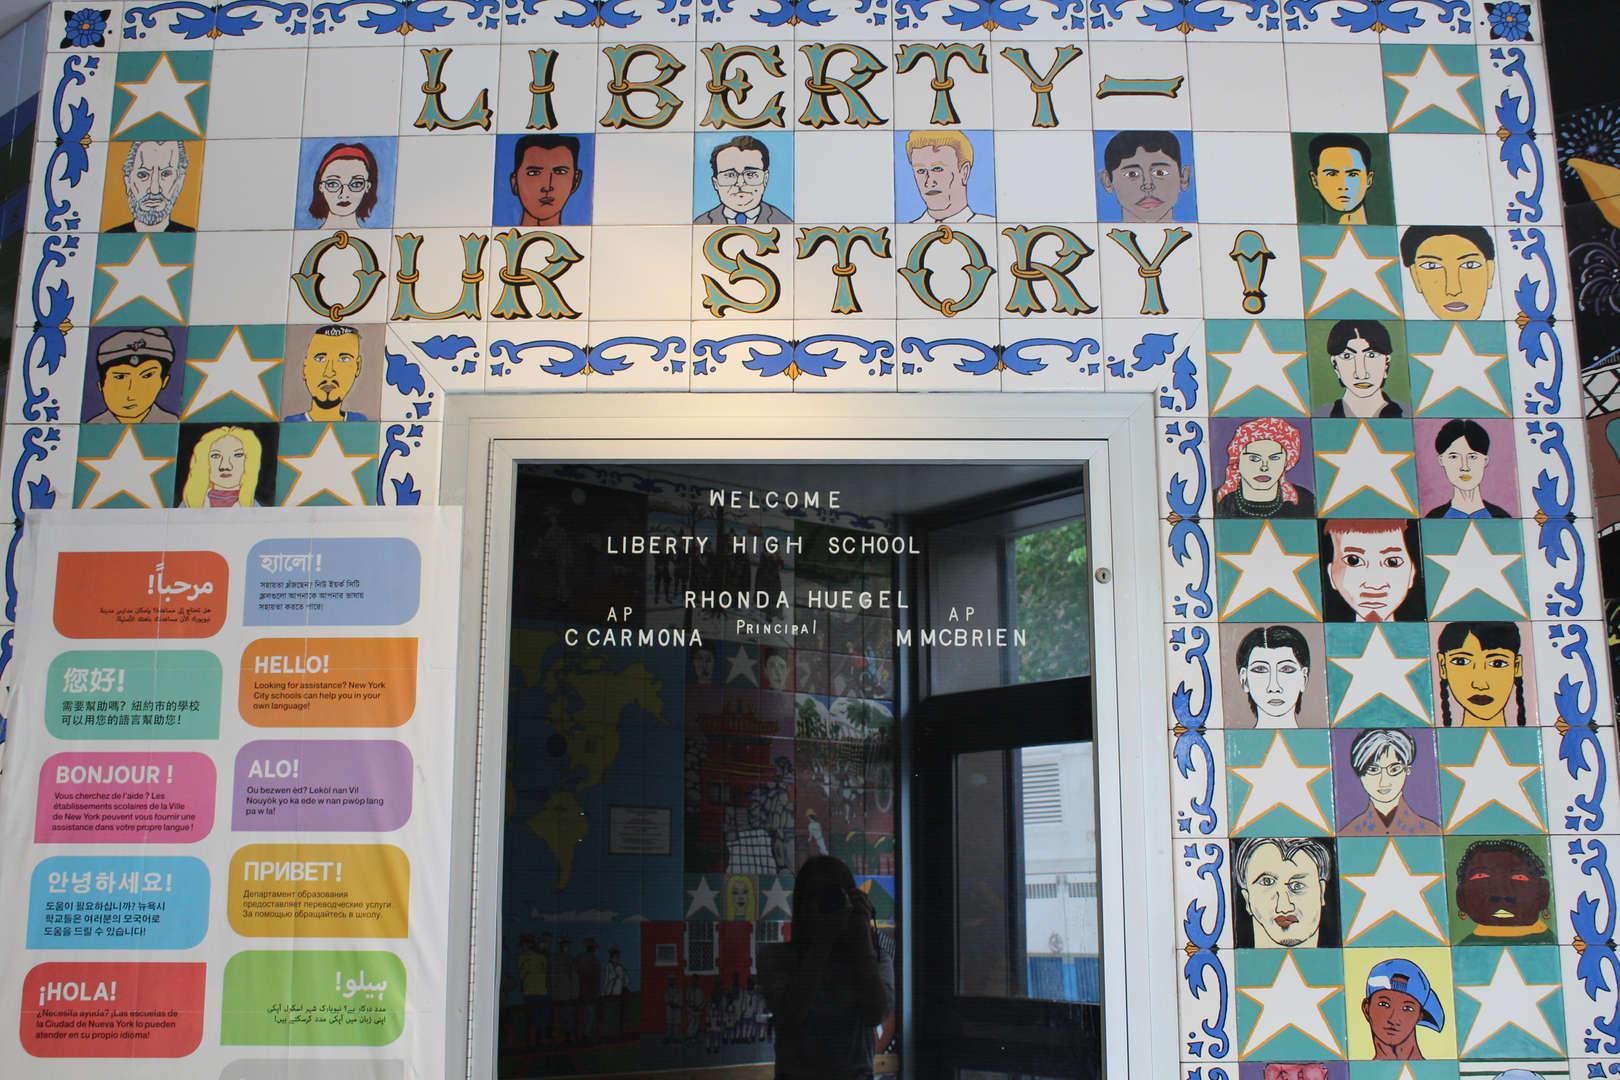 LHS Entrance Mural